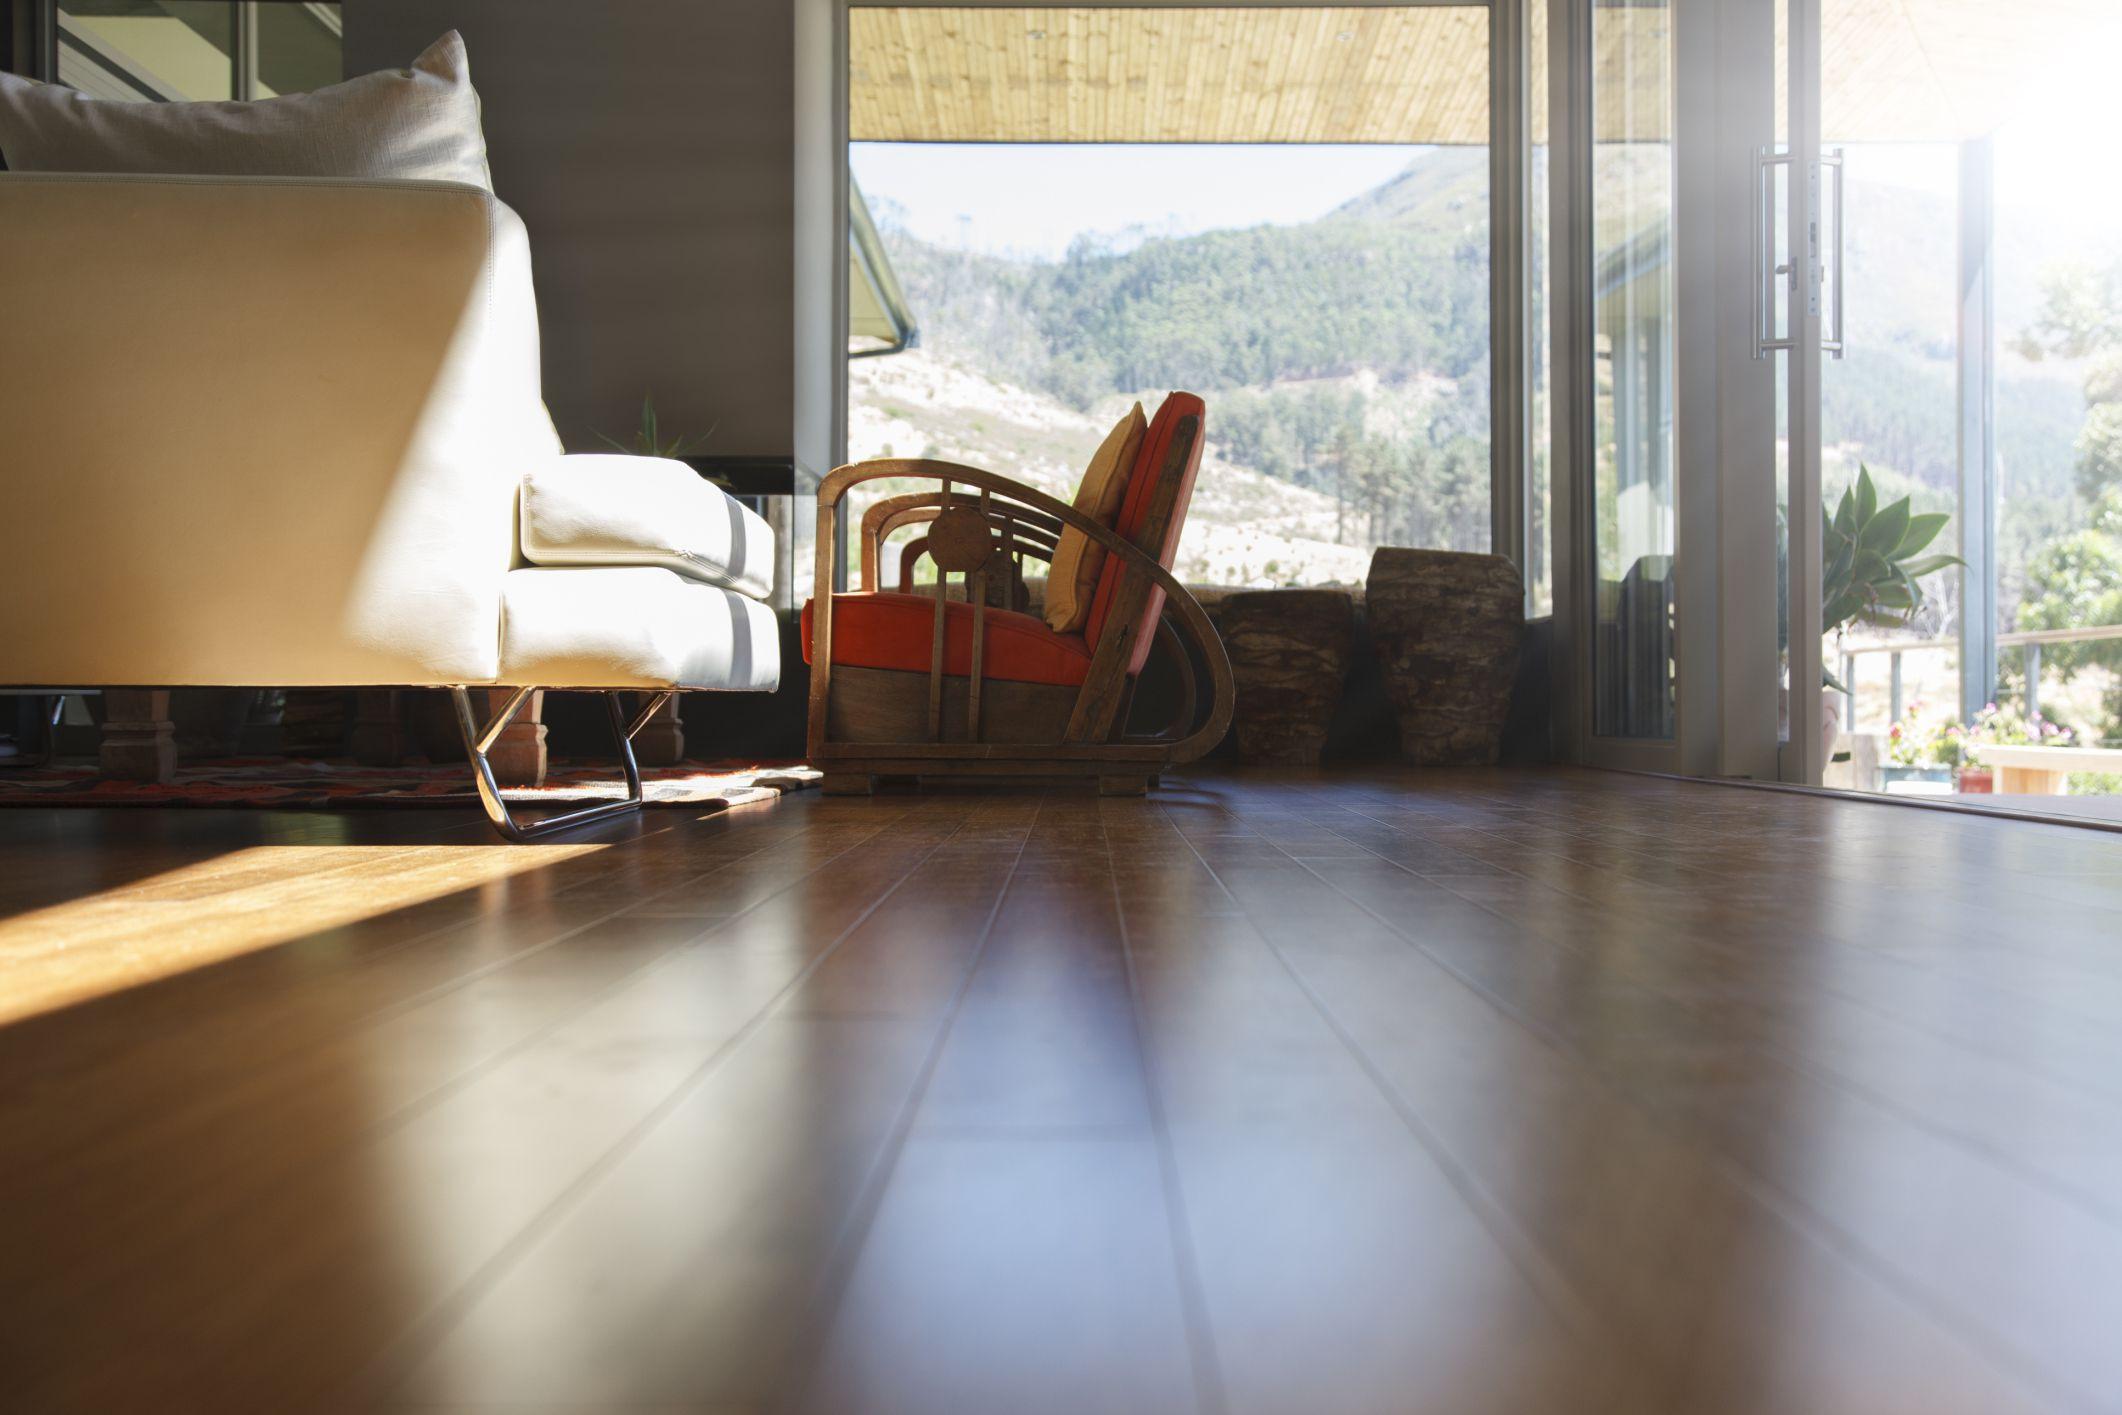 hardwood flooring trends for 2017 of 5 best luxury vinyl plank floors for exotic hardwood flooring 525439899 56a49d3a3df78cf77283453d